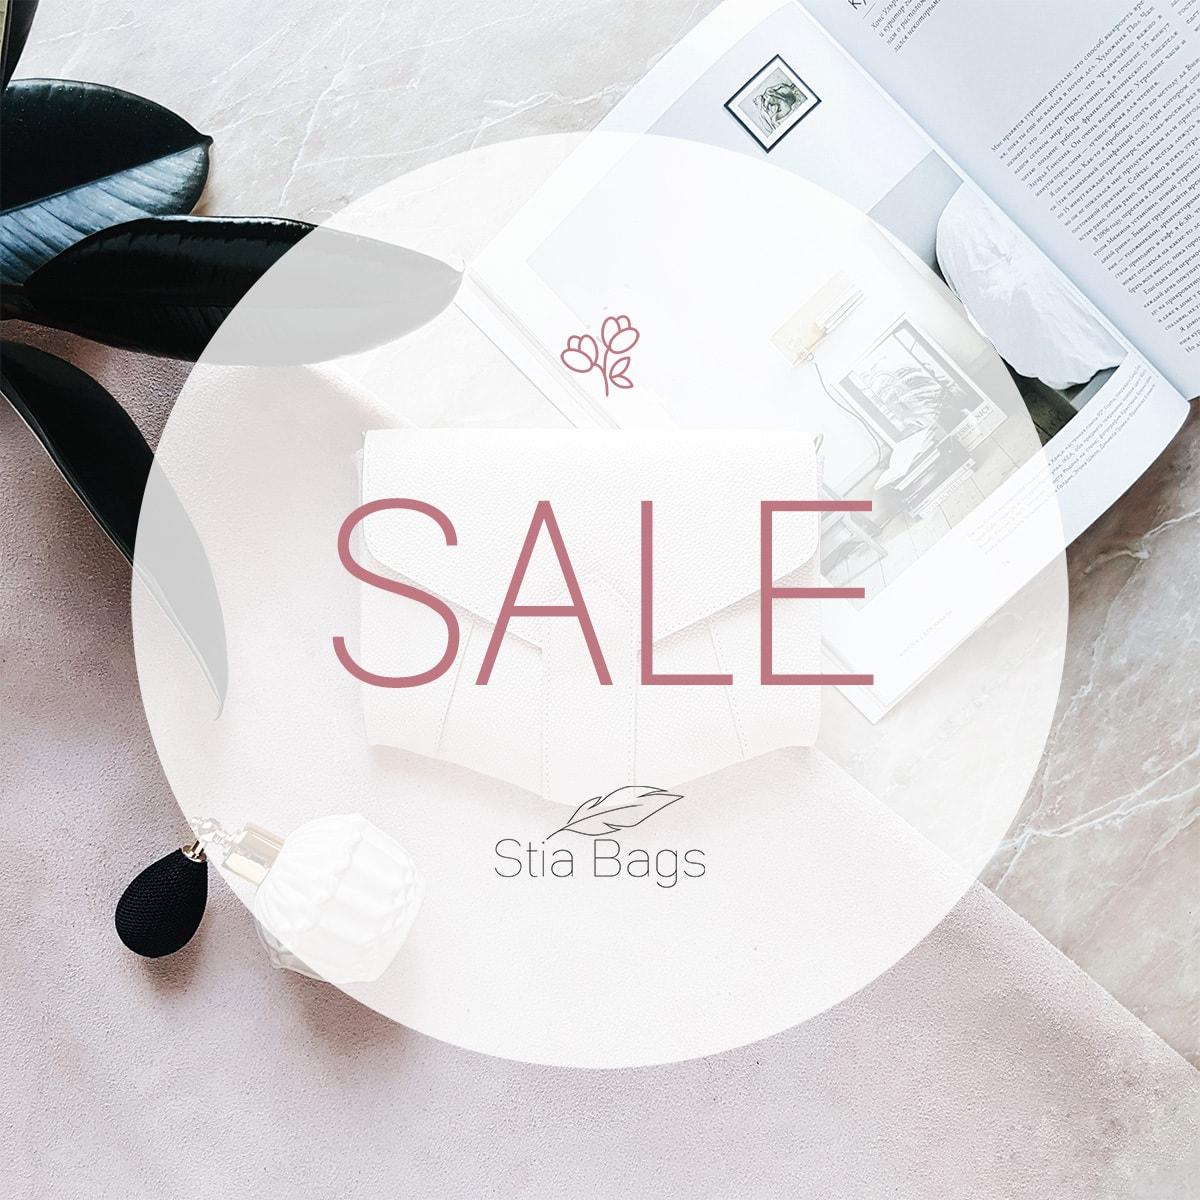 Летняя распродажа Stia Bags 4-10 июня, скидки до 50%!